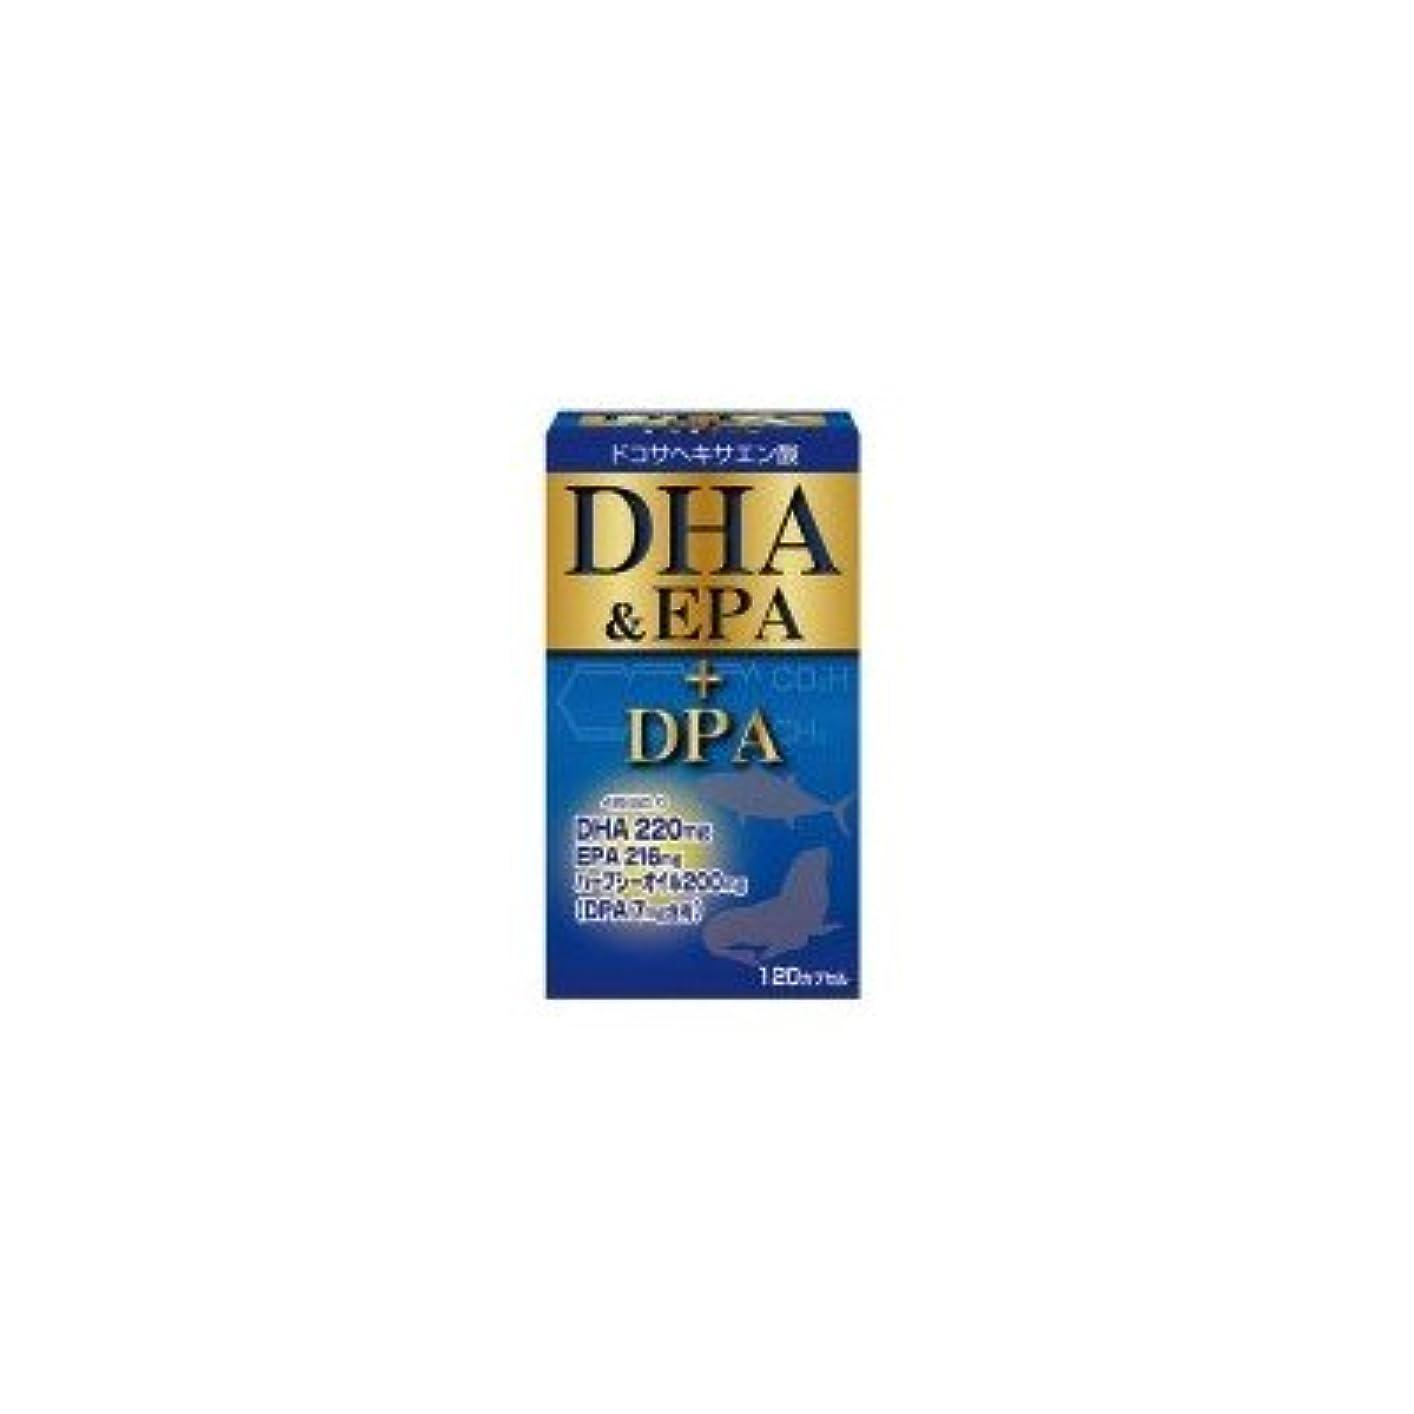 抑圧ケニア精神医学ユーワ DHA&EPA+DPA 120カプセル (品番:3091)